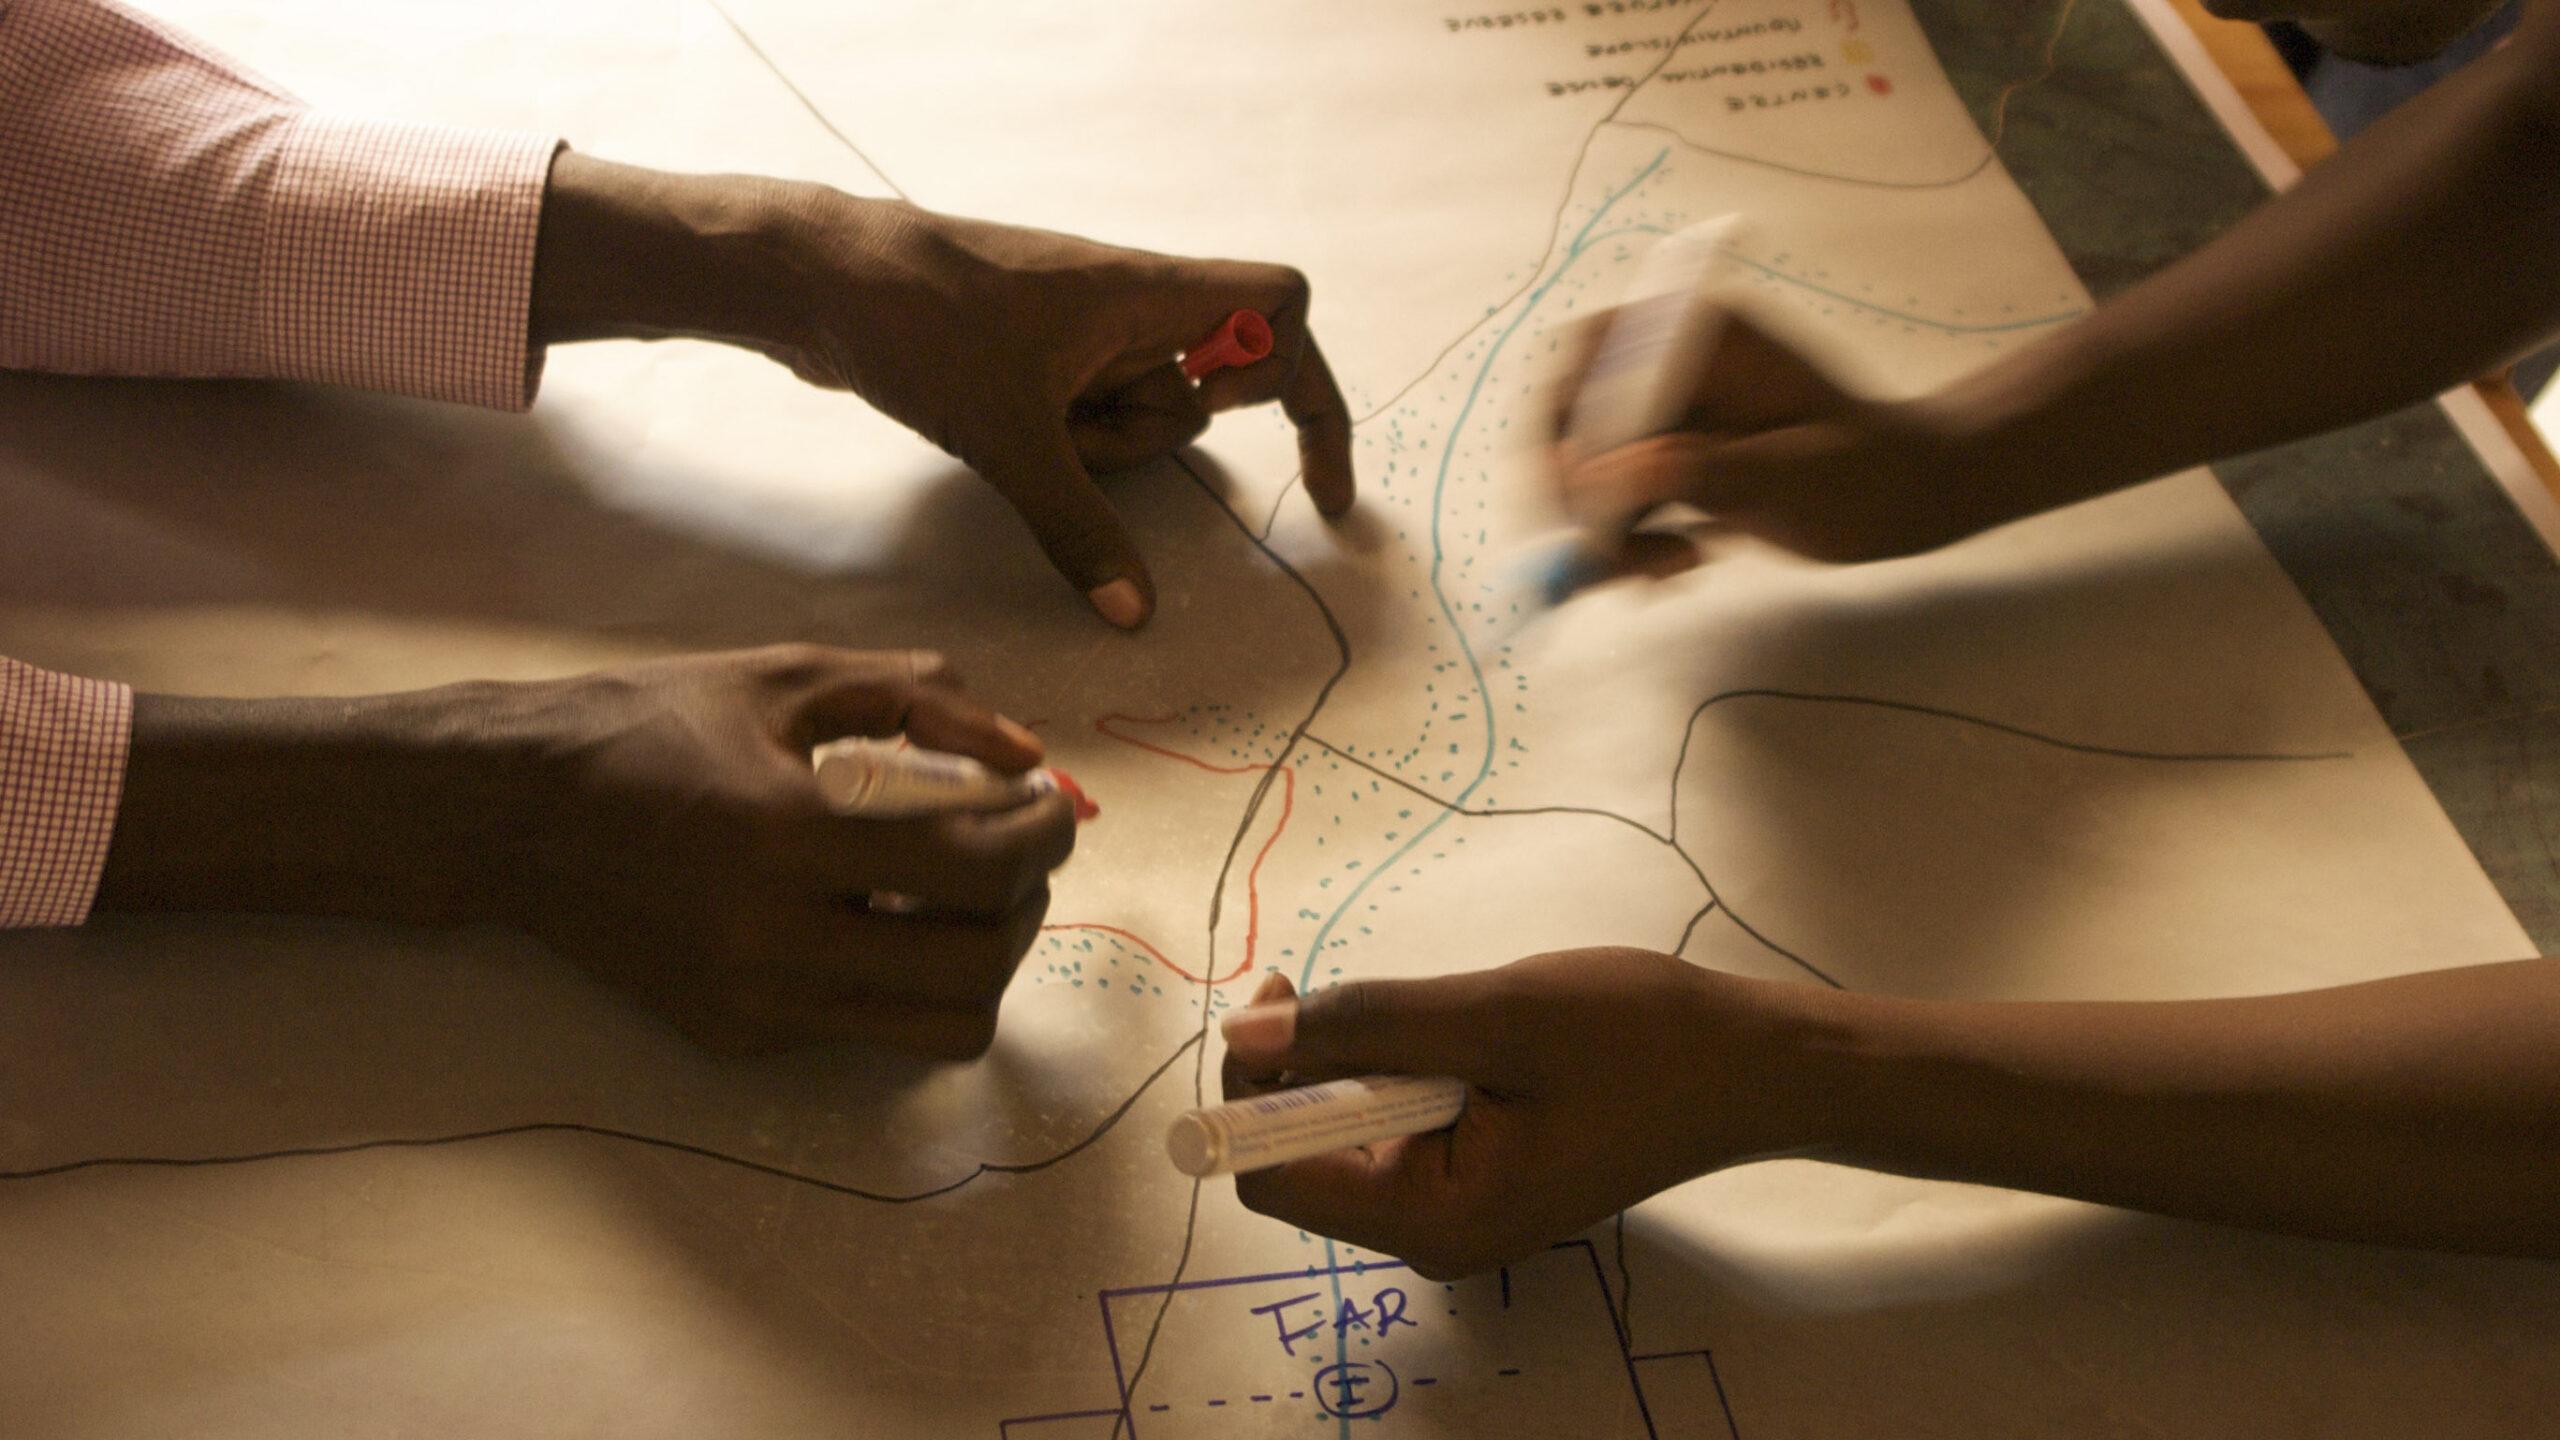 Achieving Sustainable Urban Development (ASUD) in Rwanda